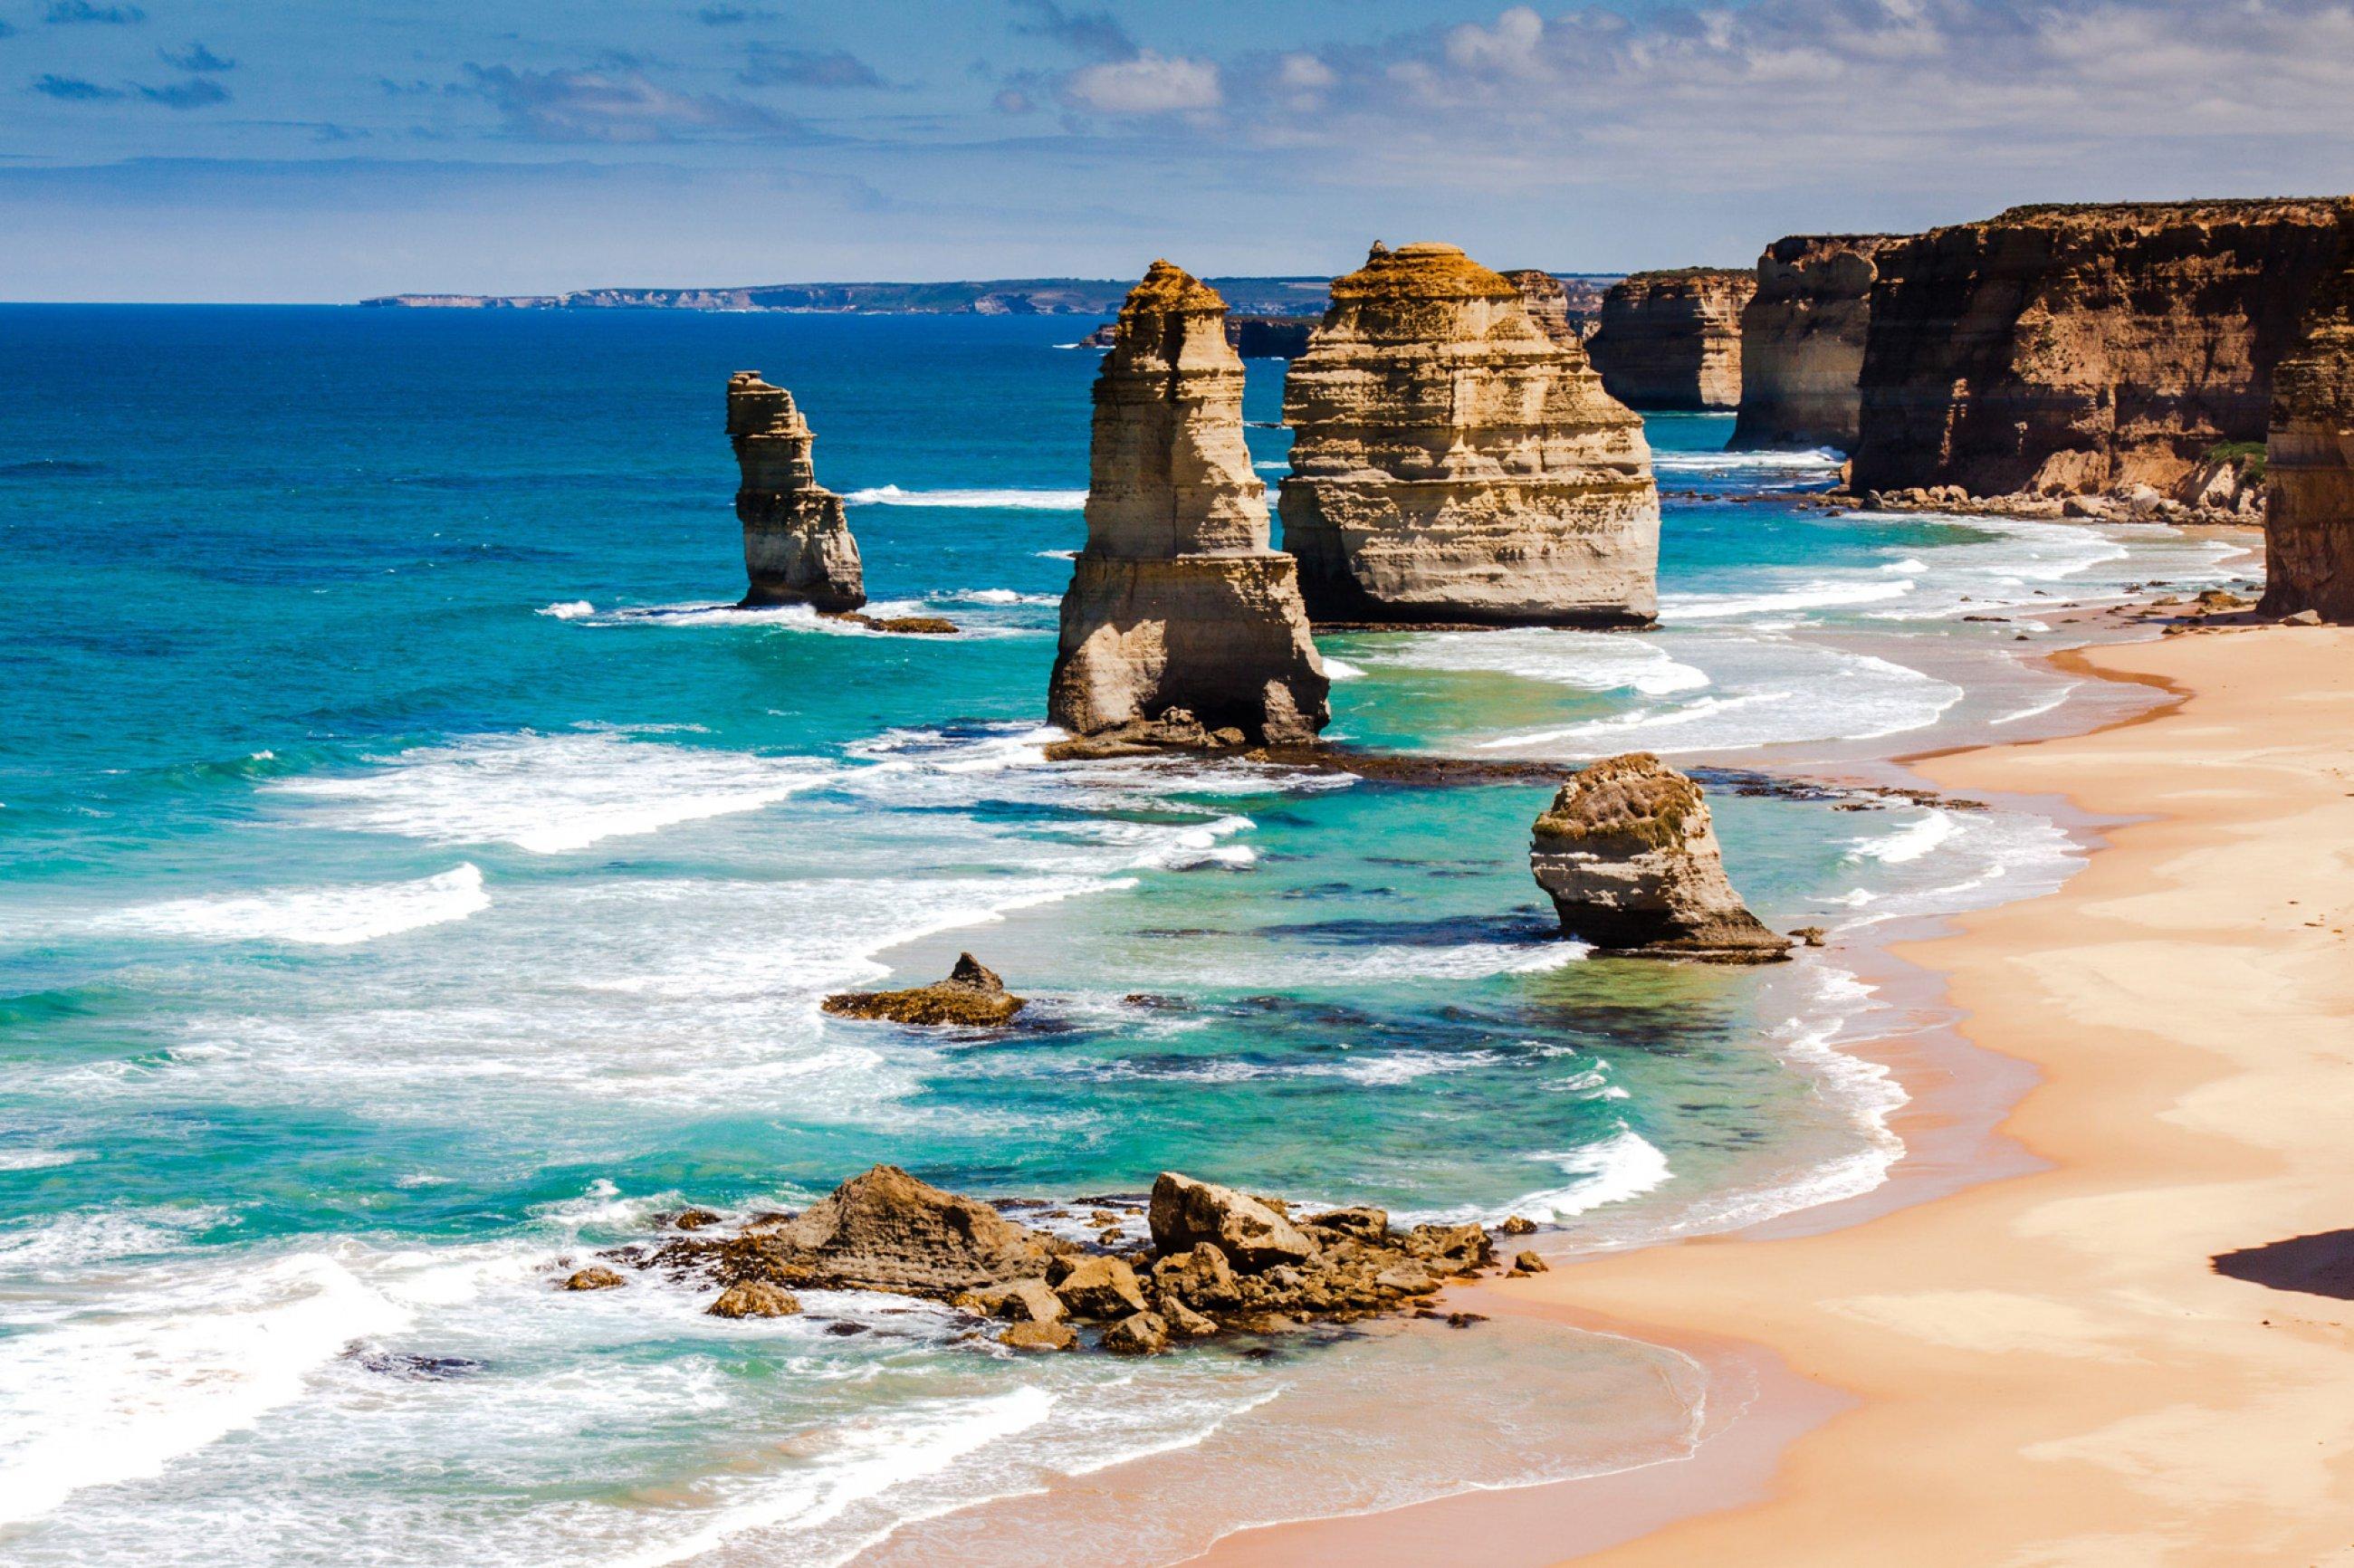 https://bubo.sk/uploads/galleries/5026/great-ocean-road-australia-12-apostolov-pobrezie-melbourne.jpg